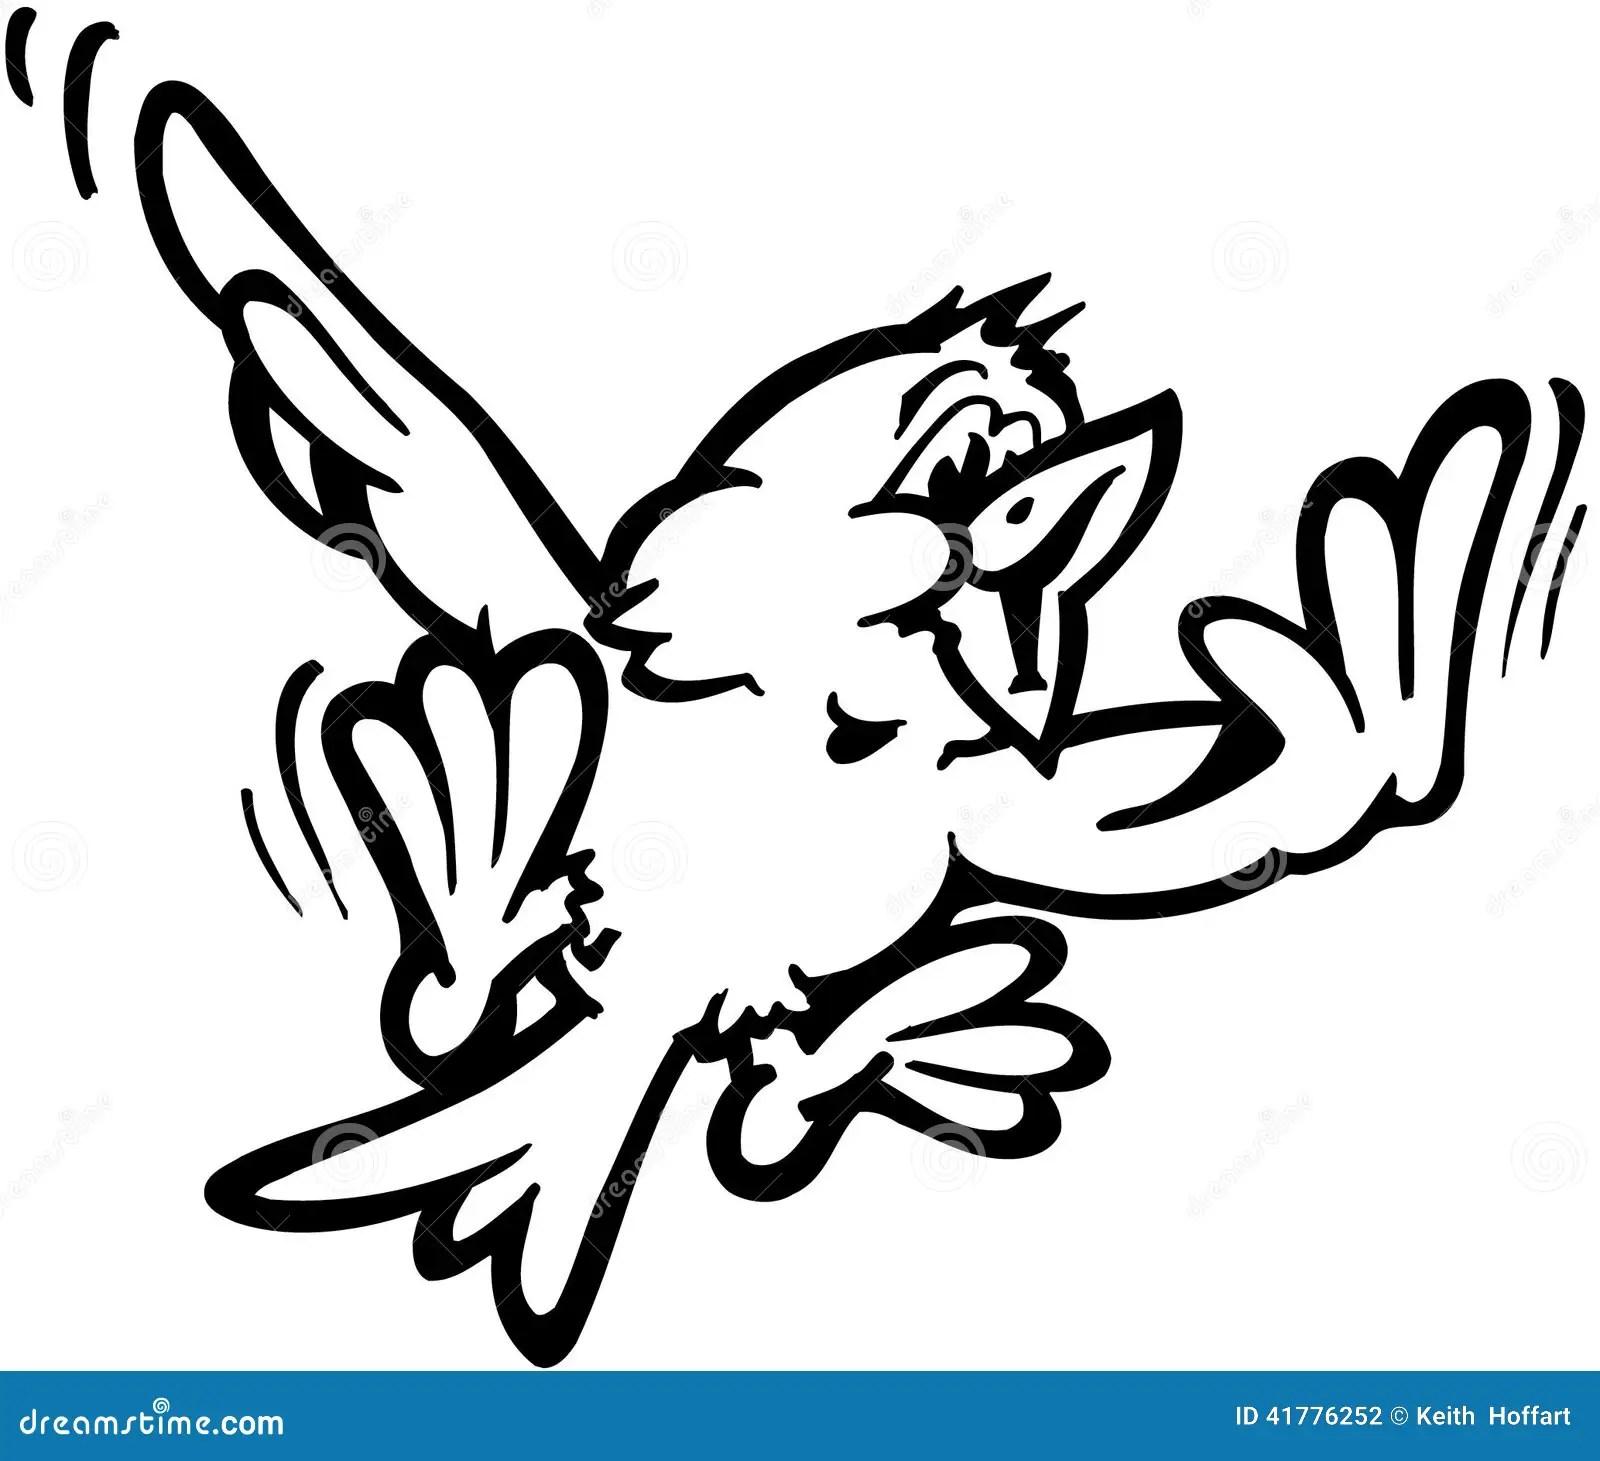 Fliegen Vogel Karikatur Design Vektor Clipart Vektor